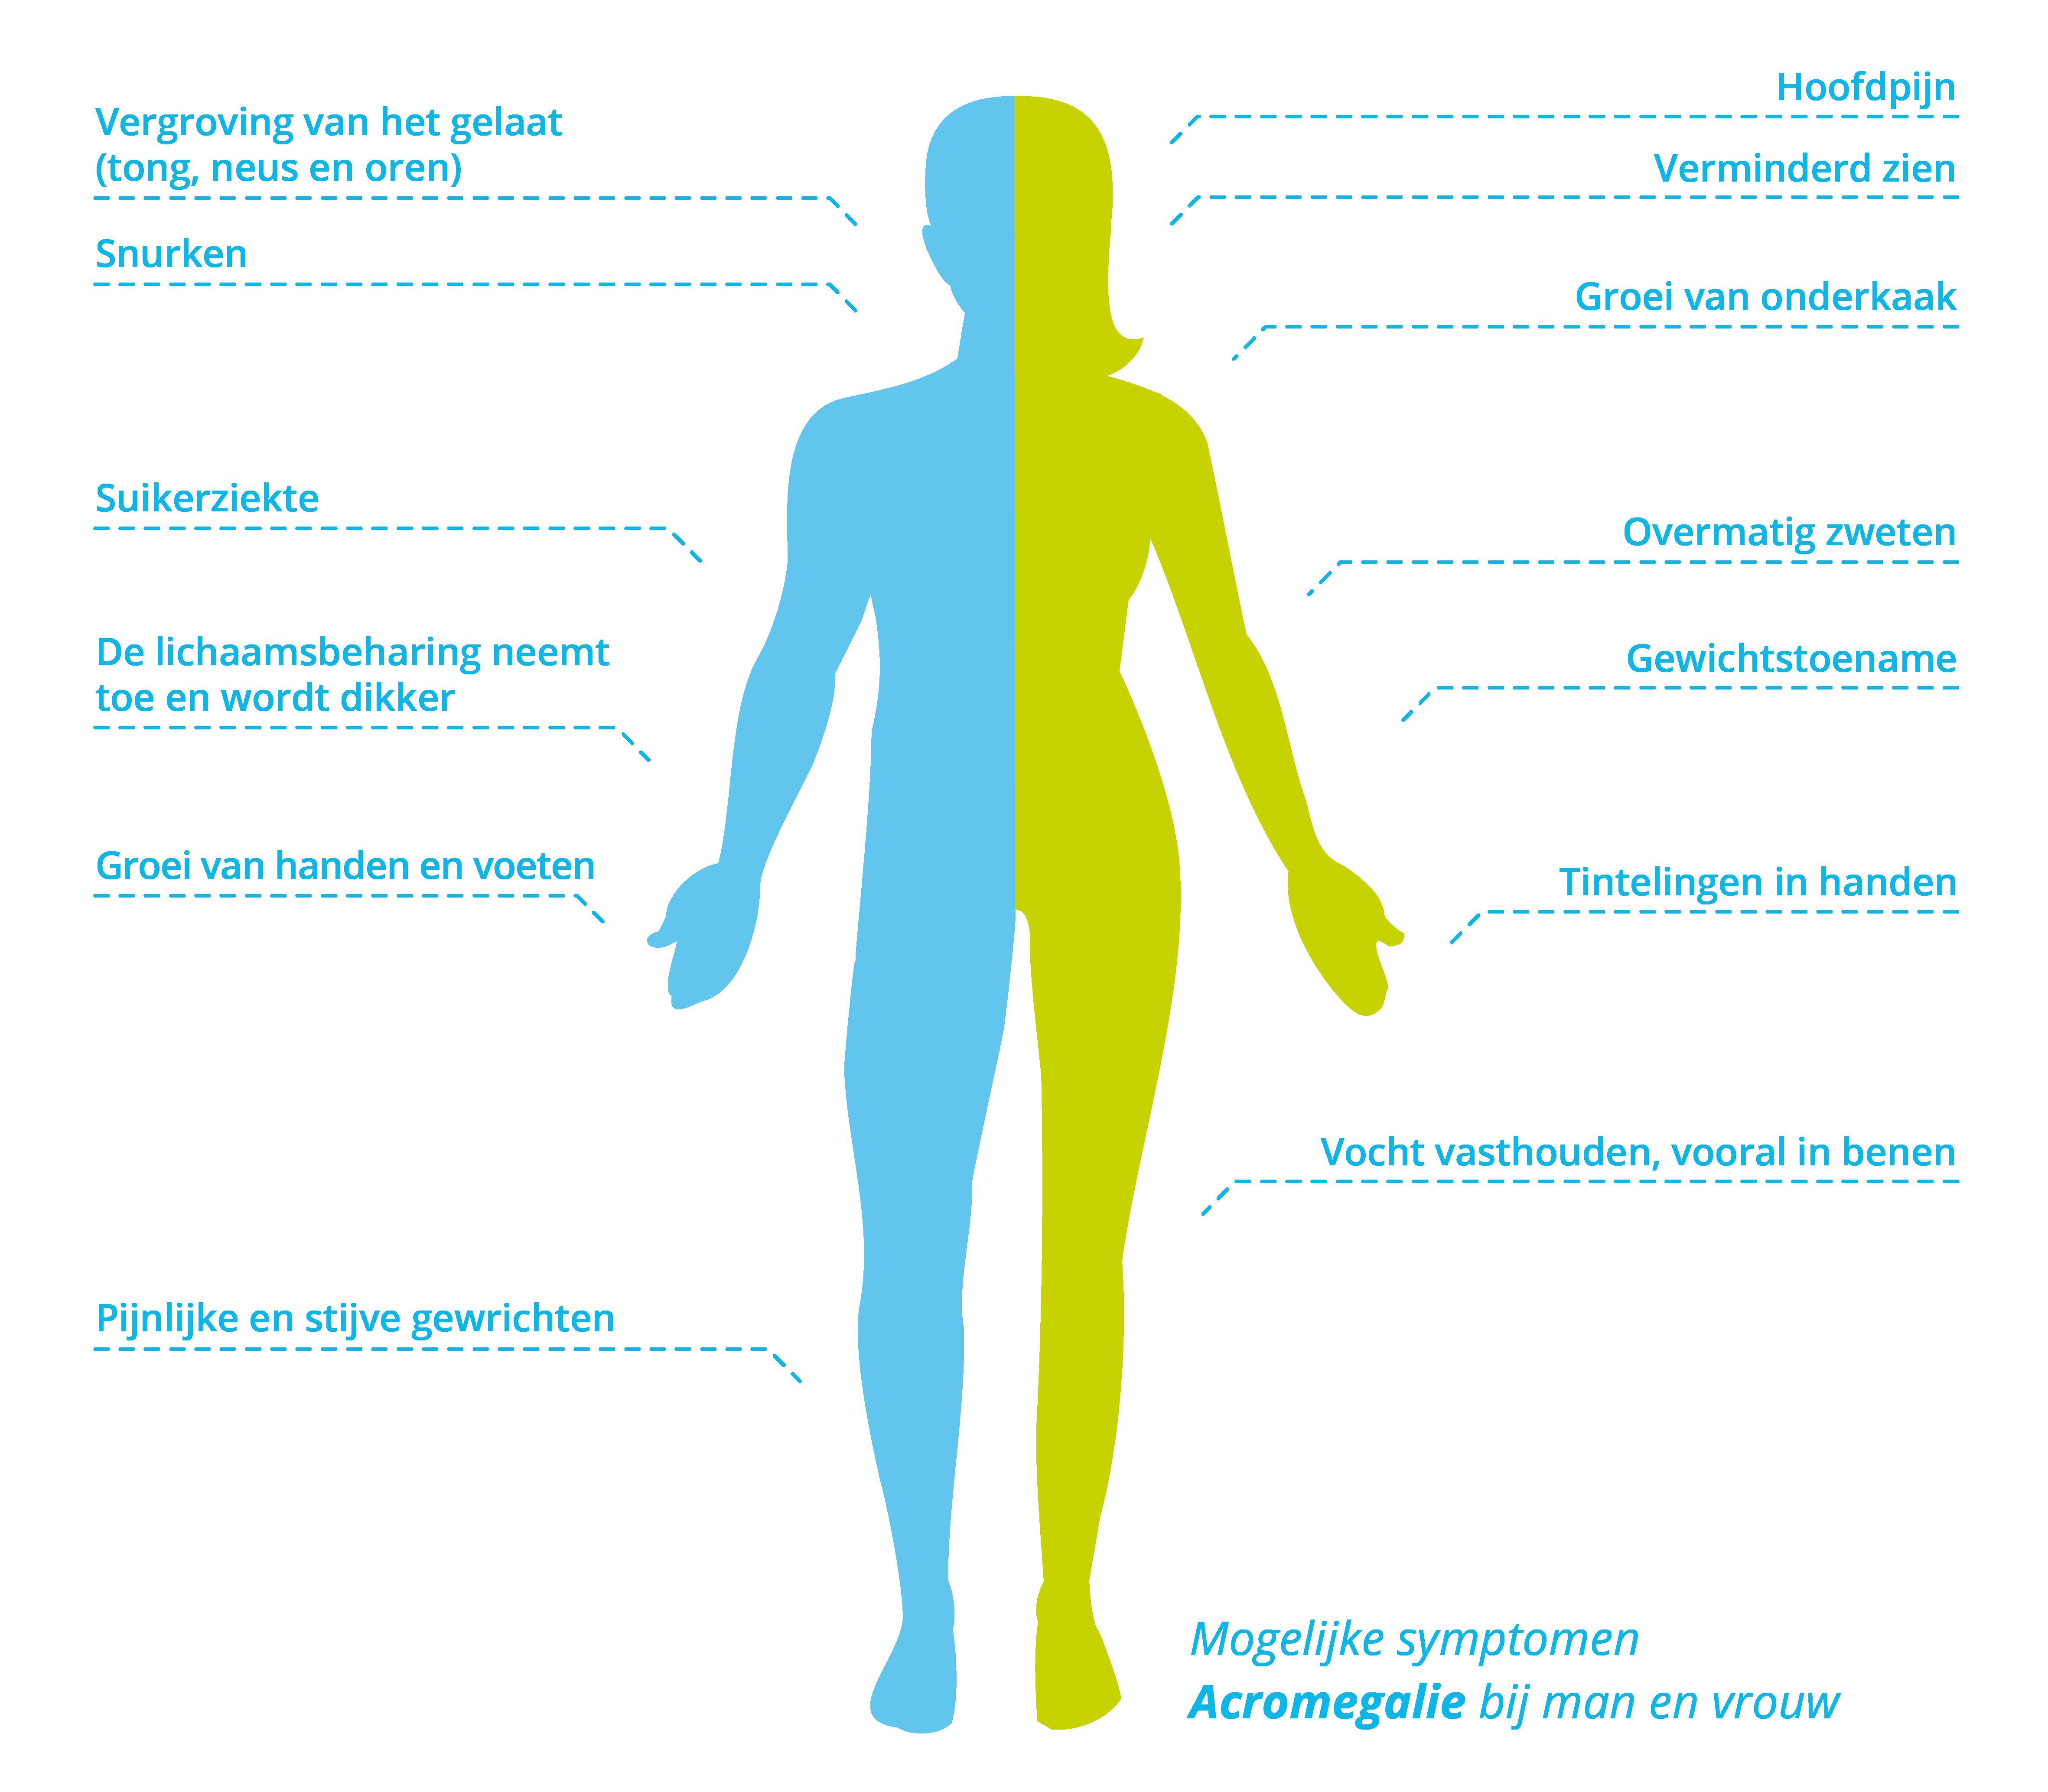 Symptomen acromegalie bij mannen en vrouwen